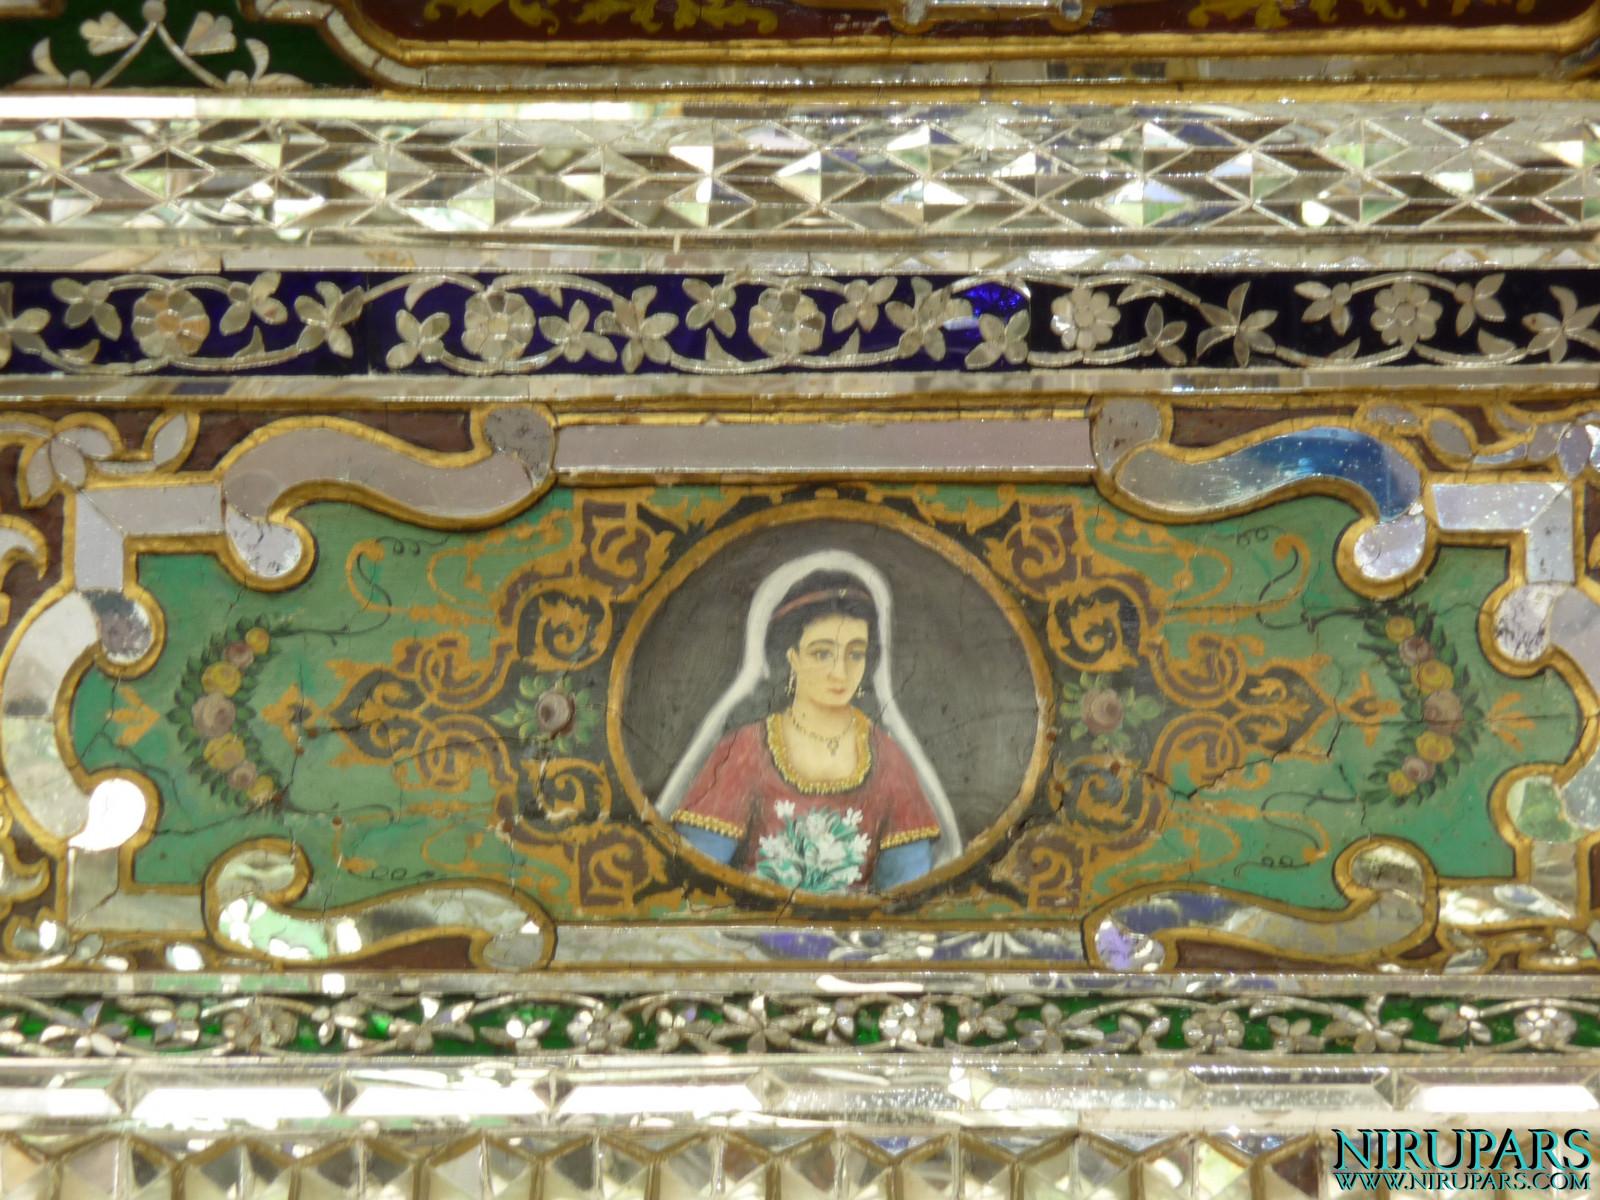 Naranjestan-e Qavam - Terrace - Miniature Painting